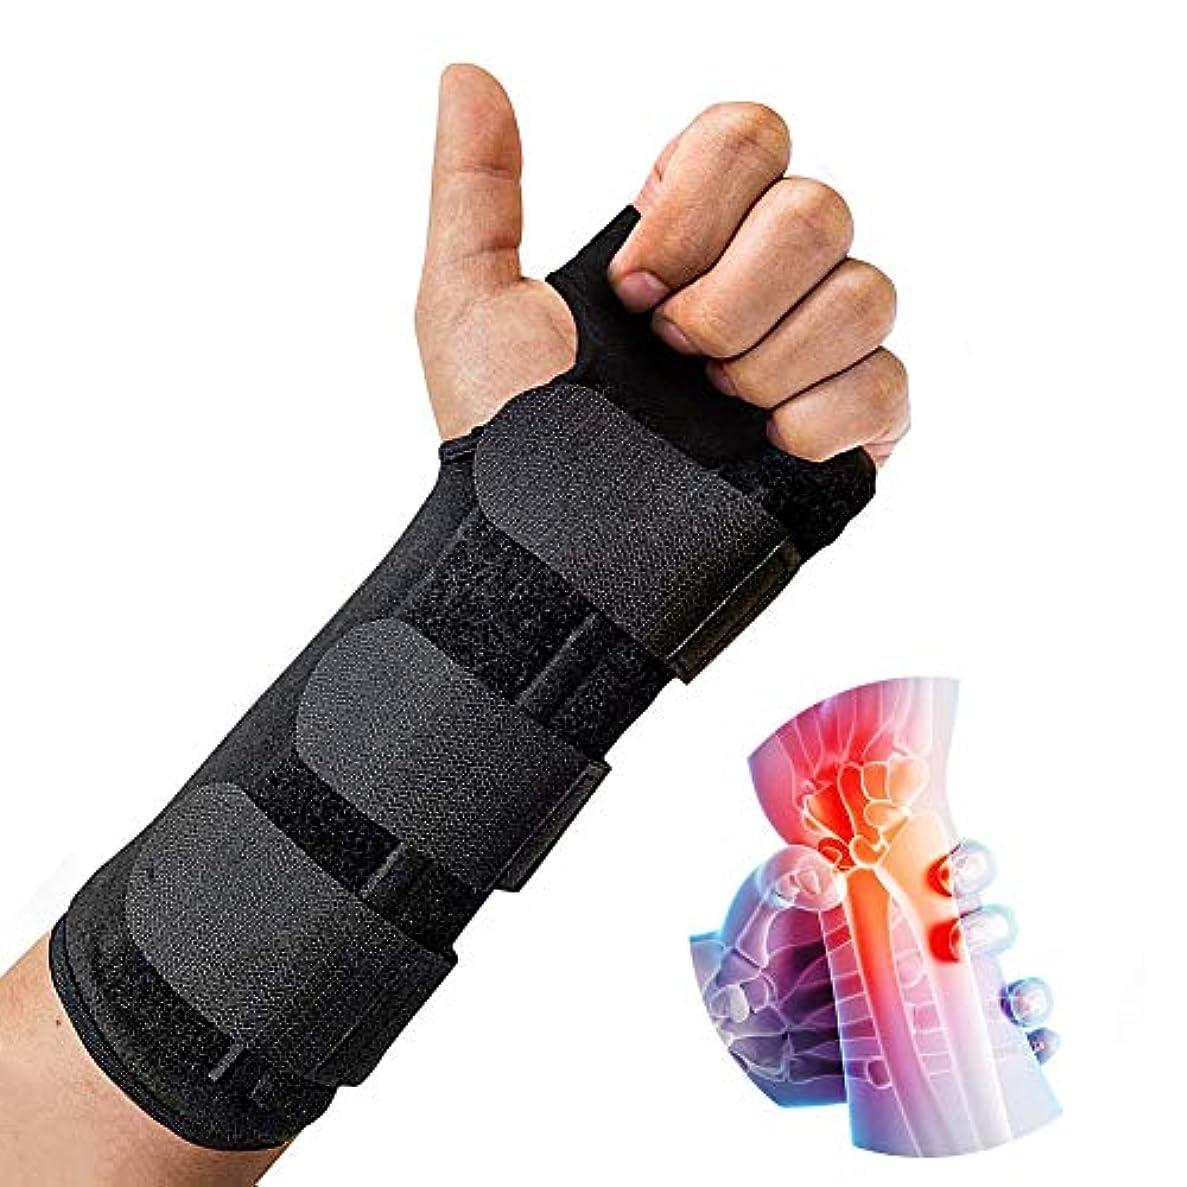 手首 固定 サポーター 、クッションパッド付きの調整可能な軽量スプリントは、手根管関節炎、腱炎、骨折捻Spに最適な快適さを提供します。,Left,M